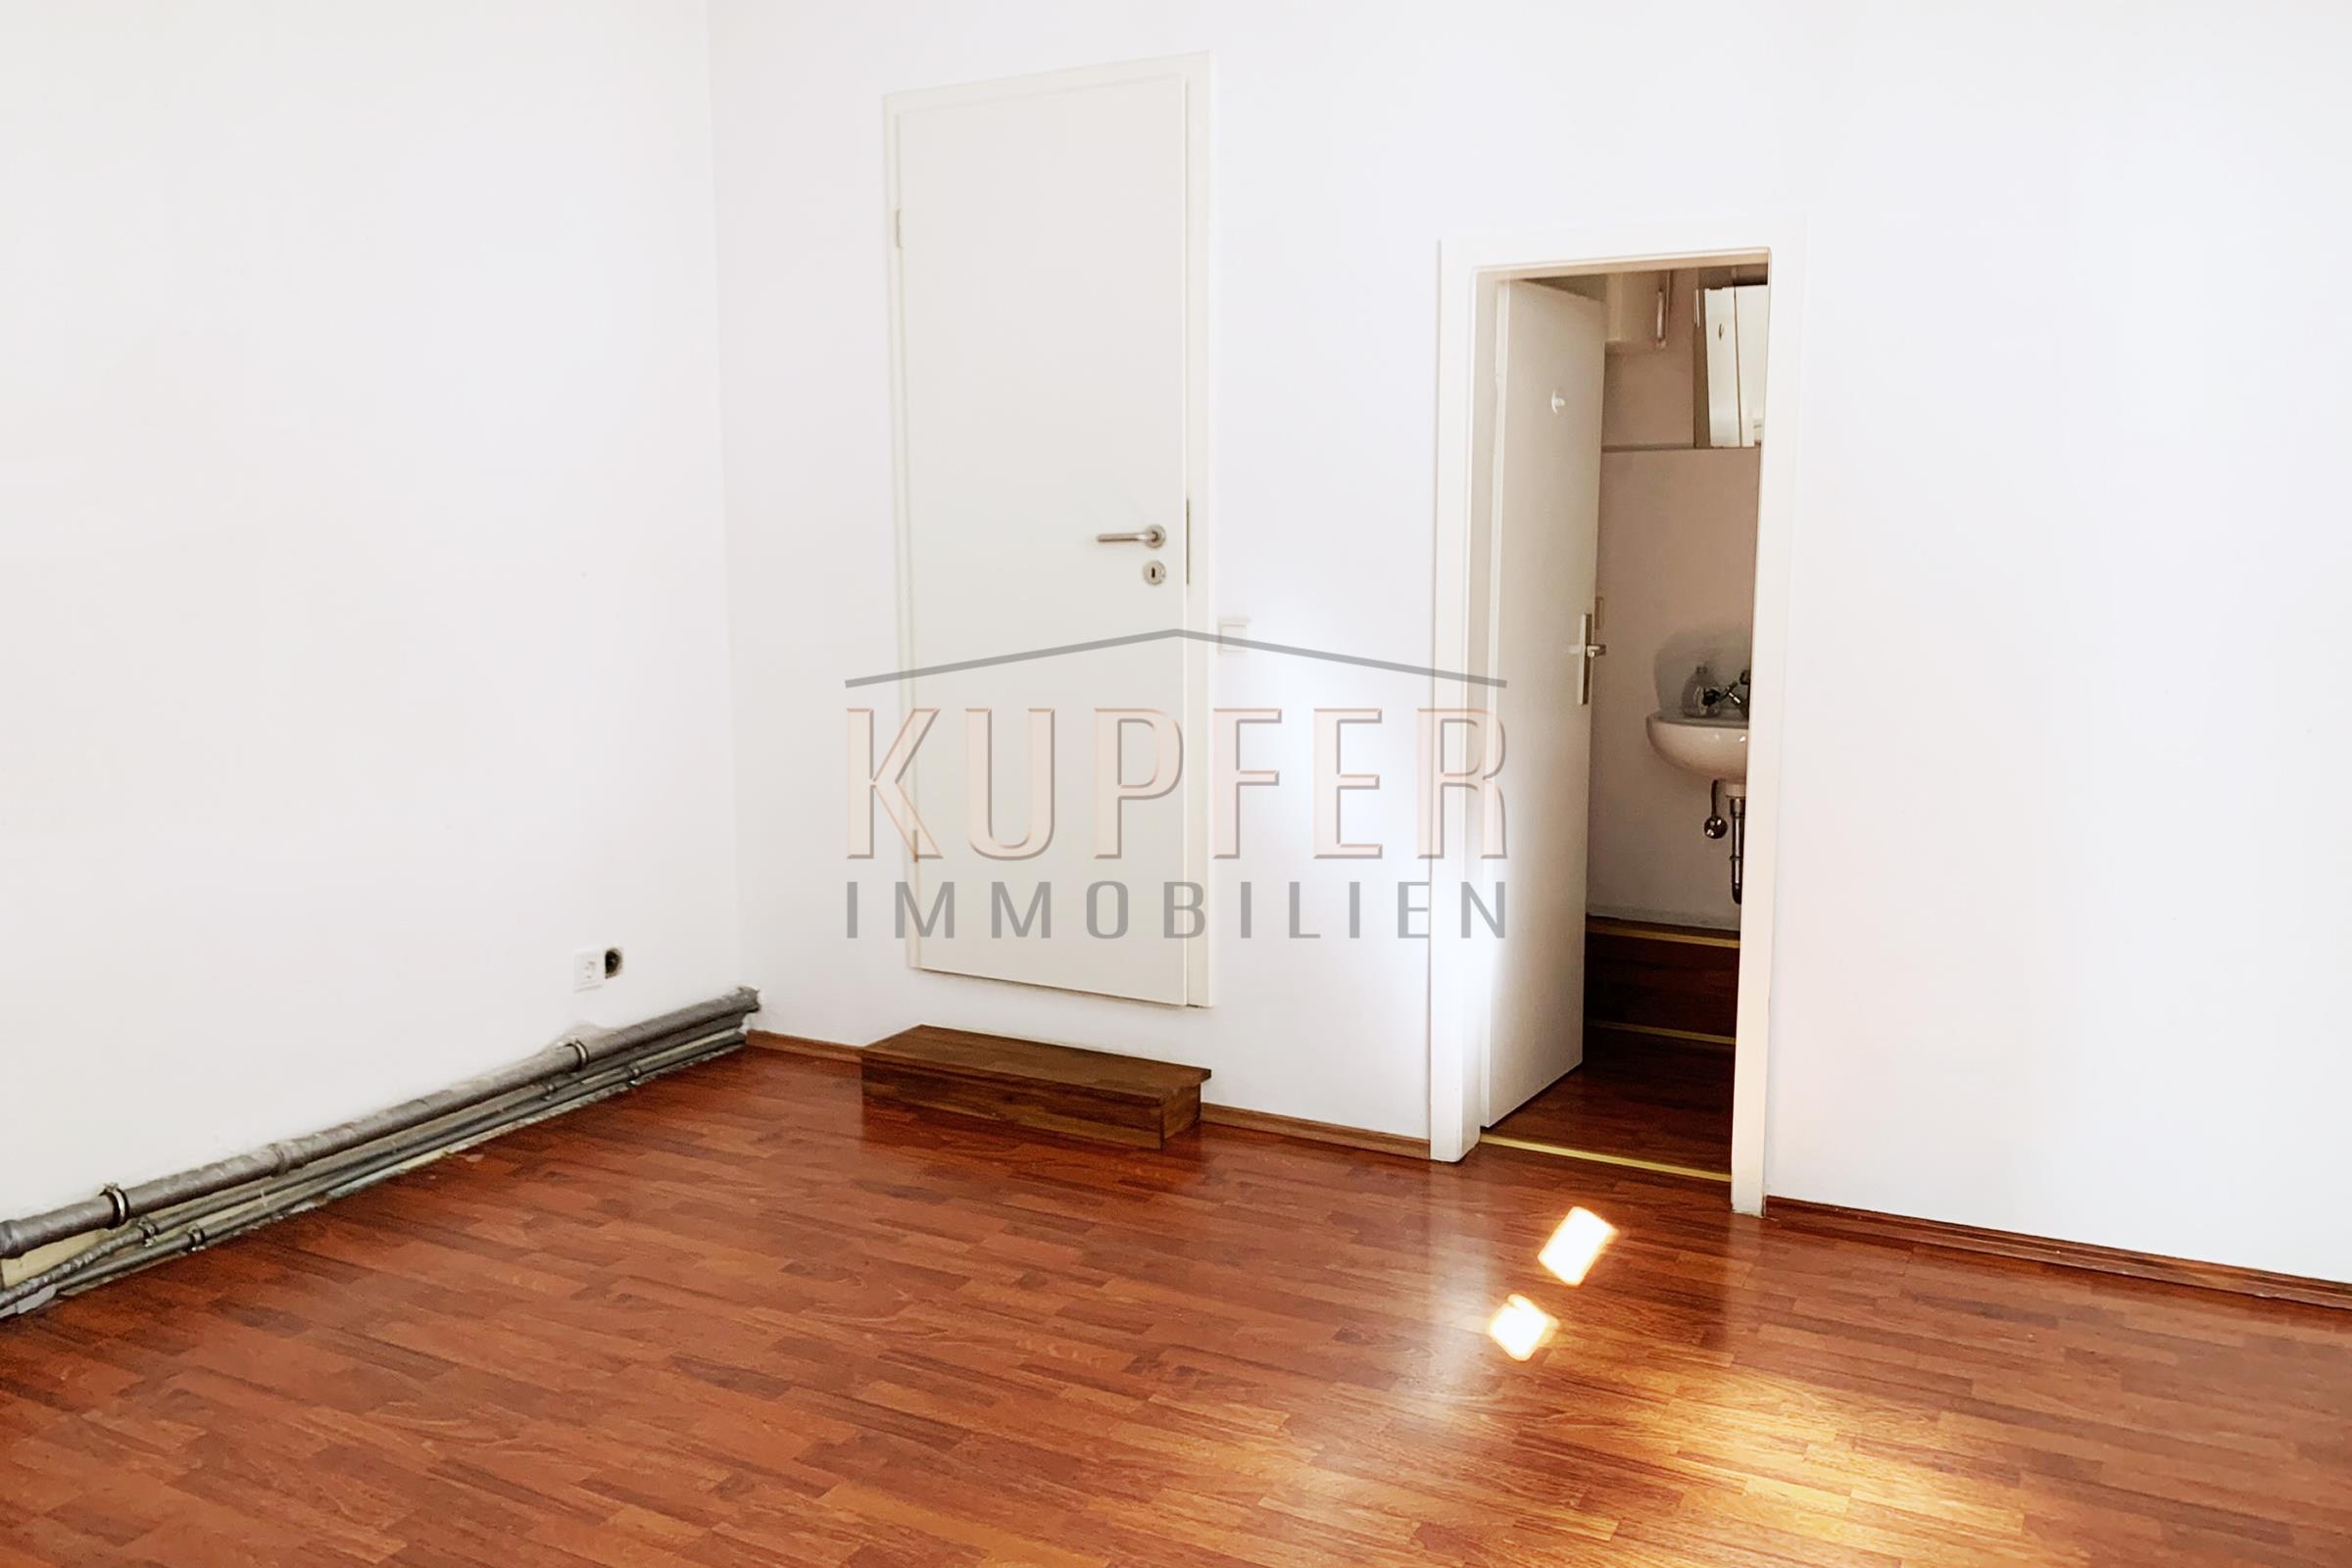 © 2021 KUPFER IMMOBILIEN